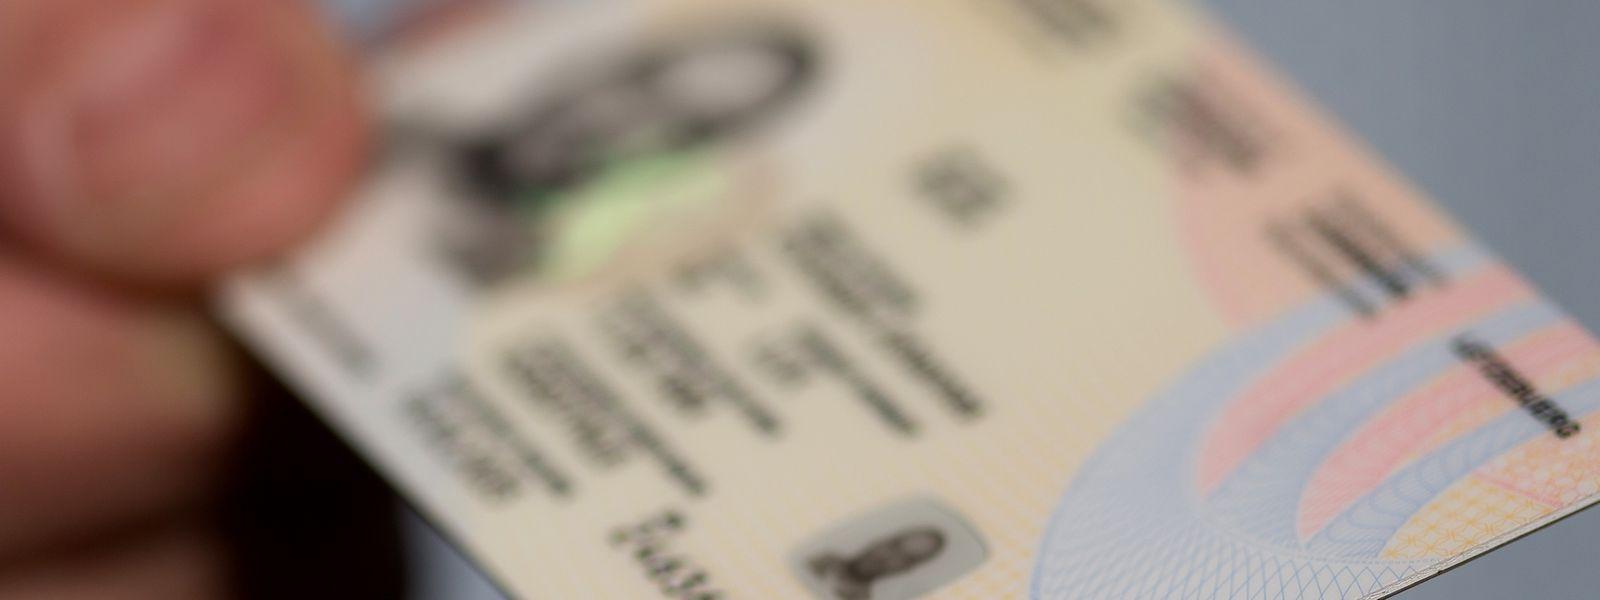 Ausweise verlieren nach dem 1. März ihre Gültigkeit nicht mehr. In dringenden Fällen können auch neue Dokumente ausgestellt werden.